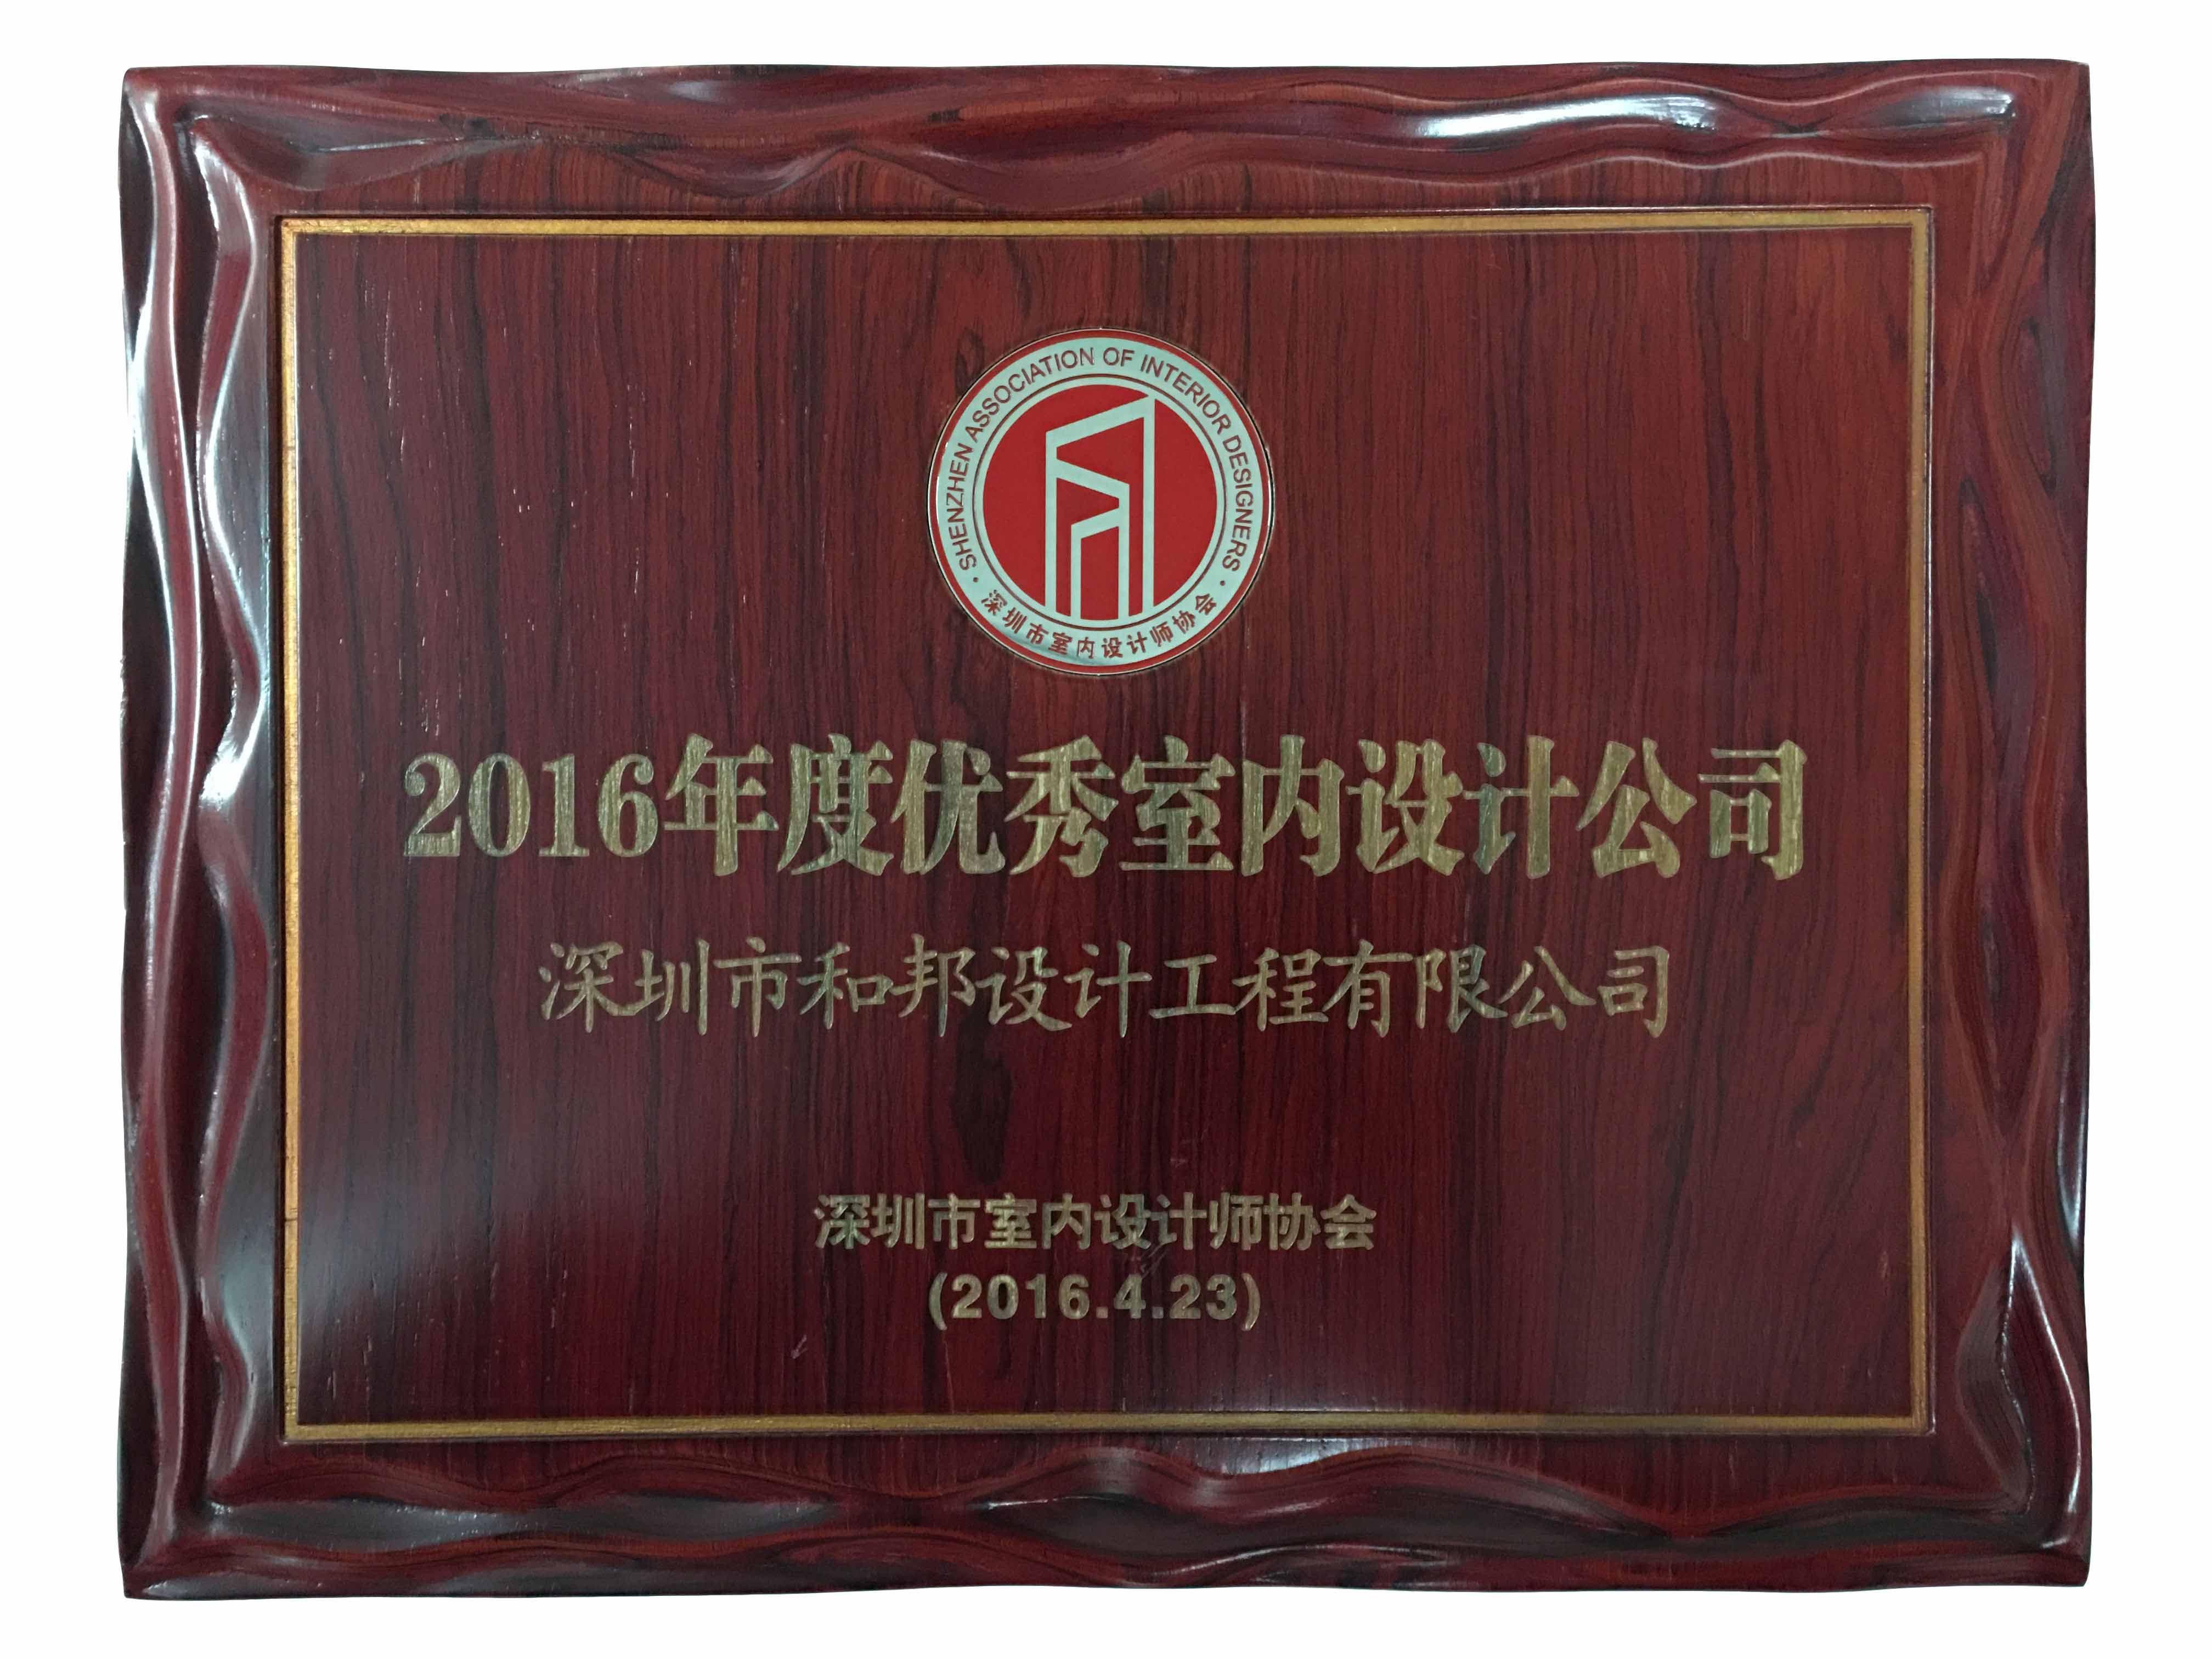 2016年度优秀室内设计公司